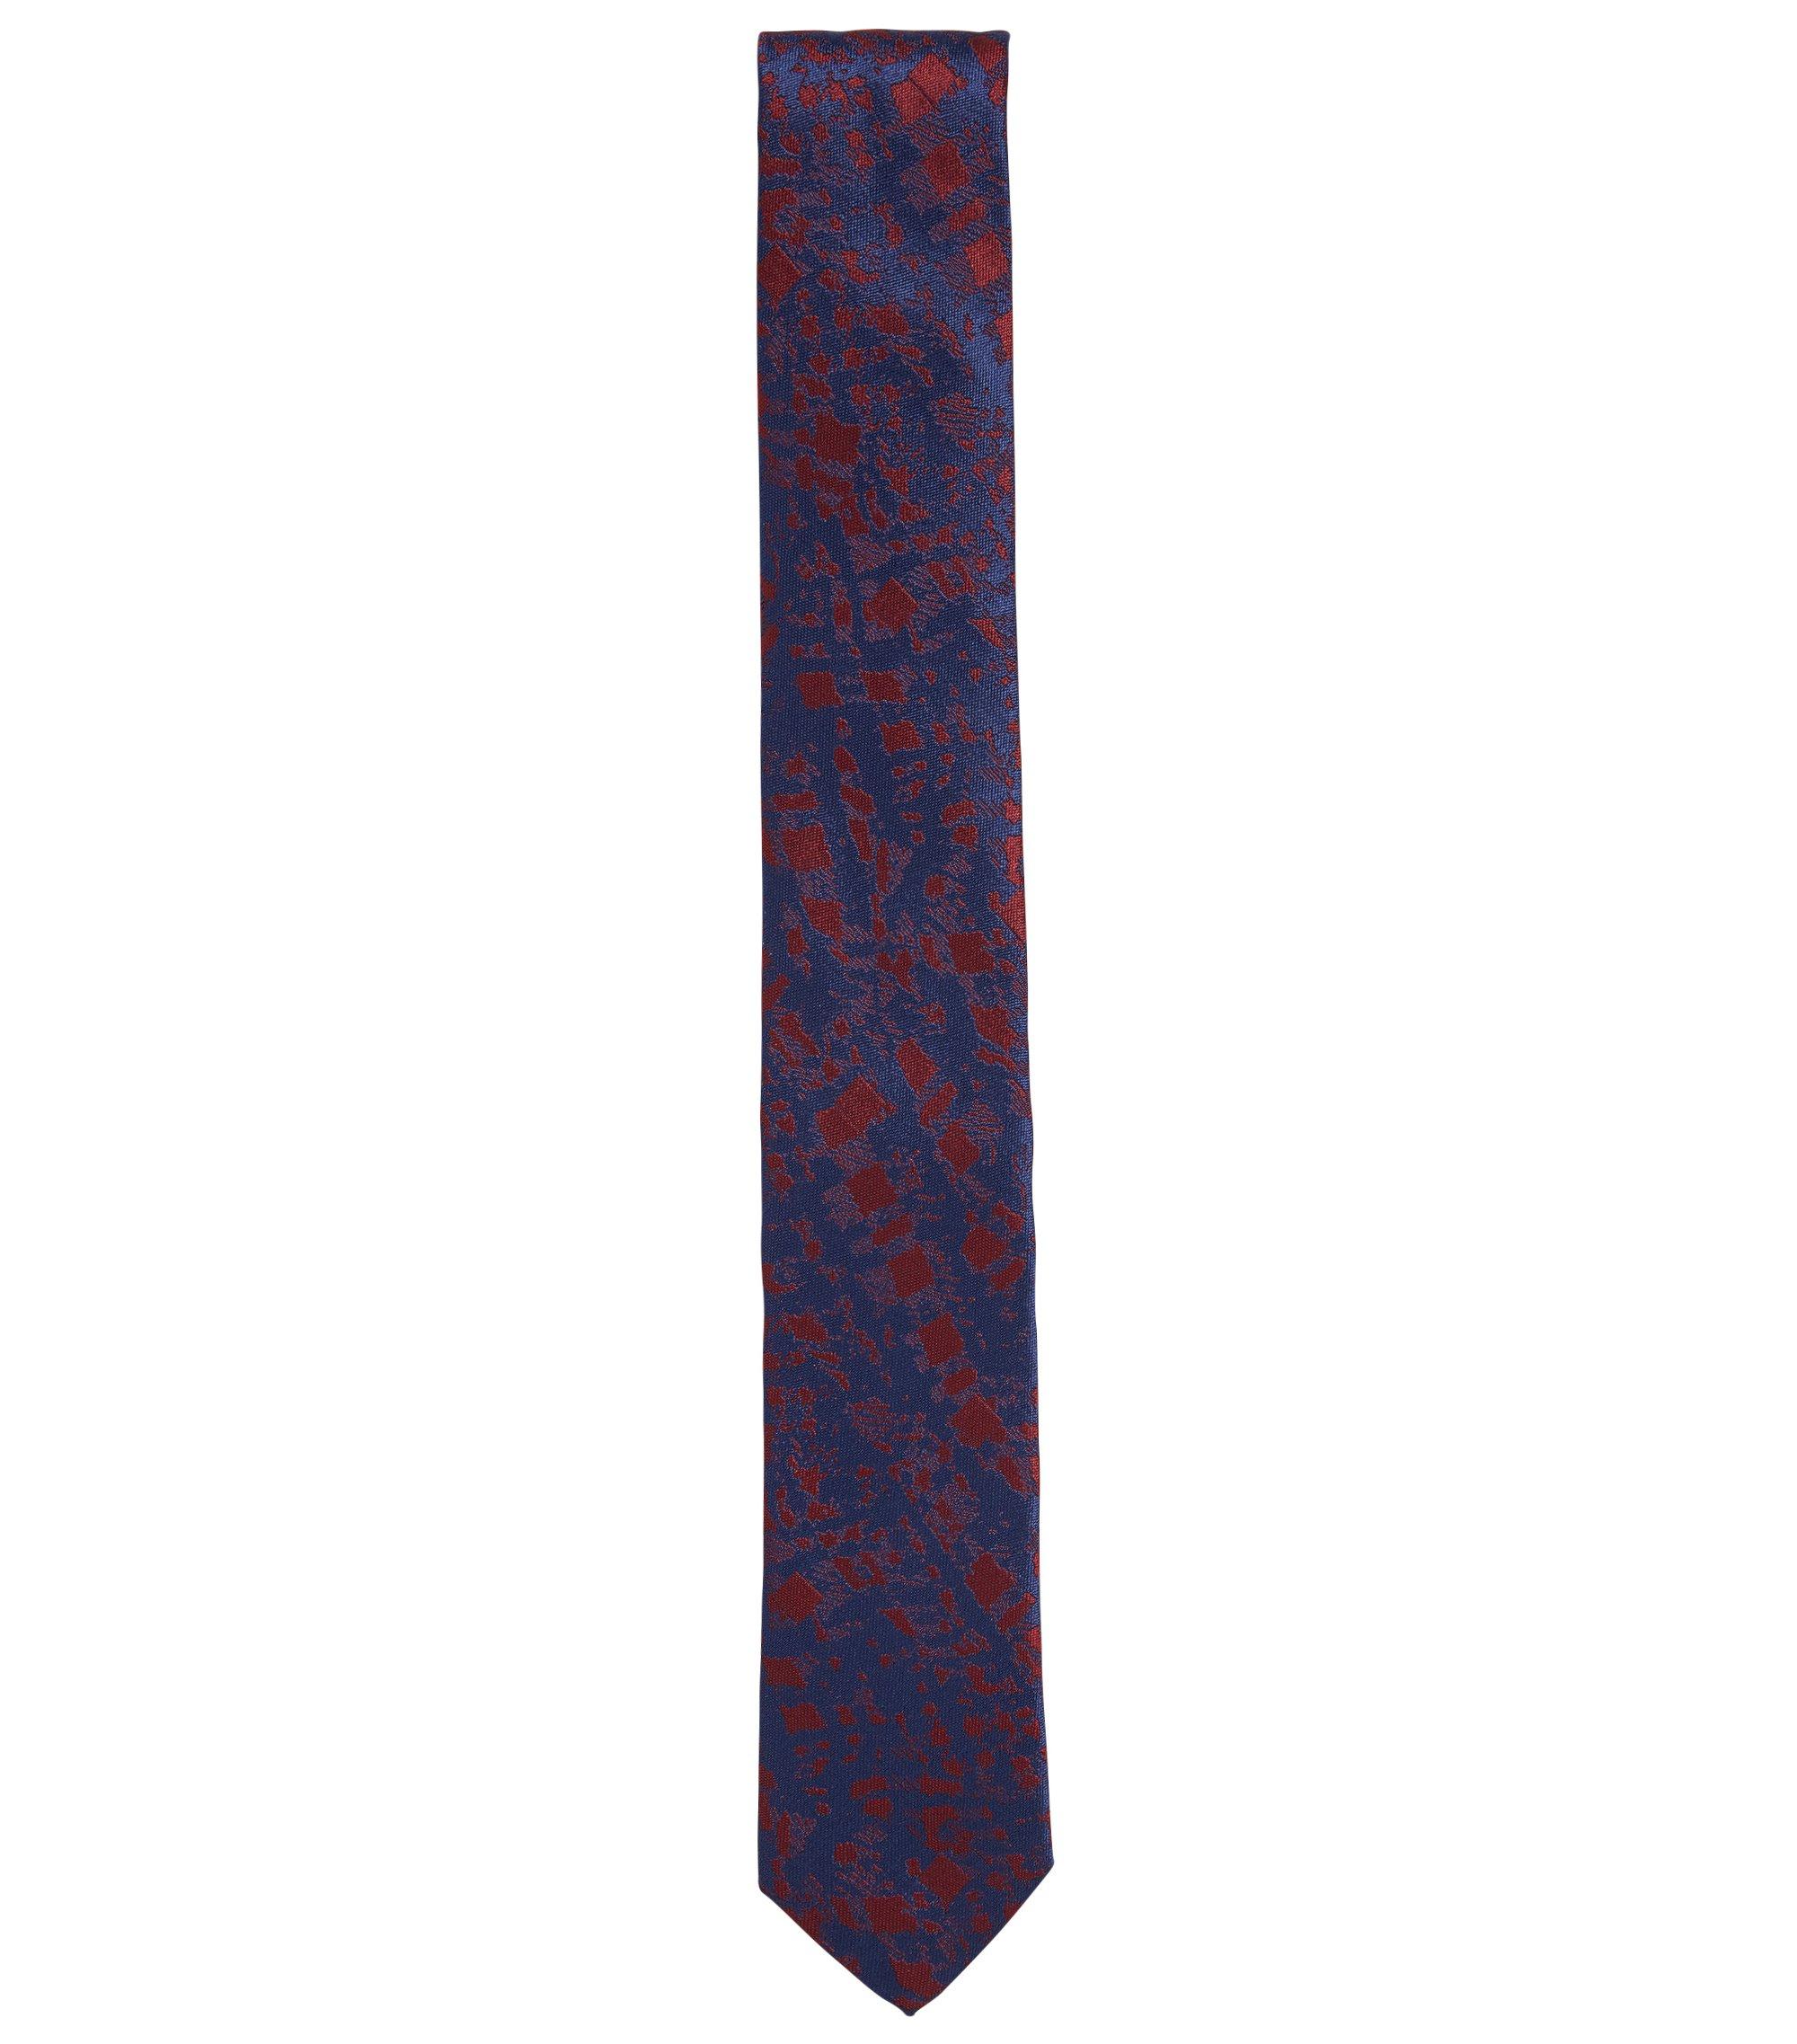 Cravate en jacquard de soie au motif abstrait, Rouge sombre